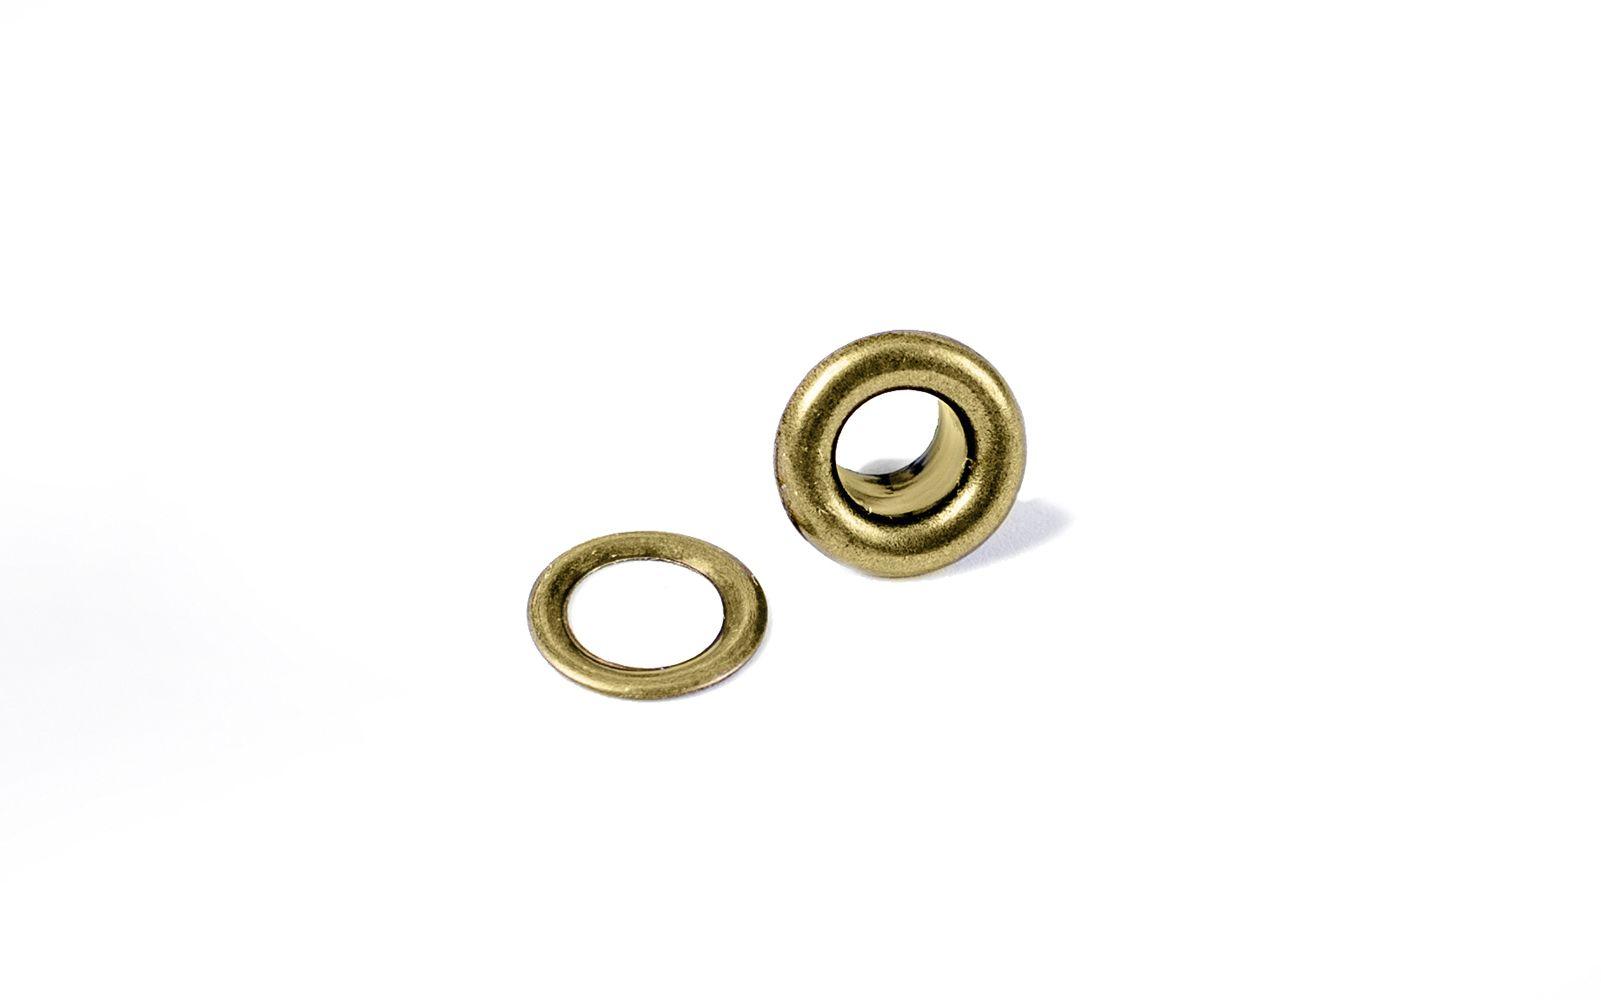 Ilhóses com Arruela Bronze (Eyelet & Washer) c/ 60 peças  - Minas Midias